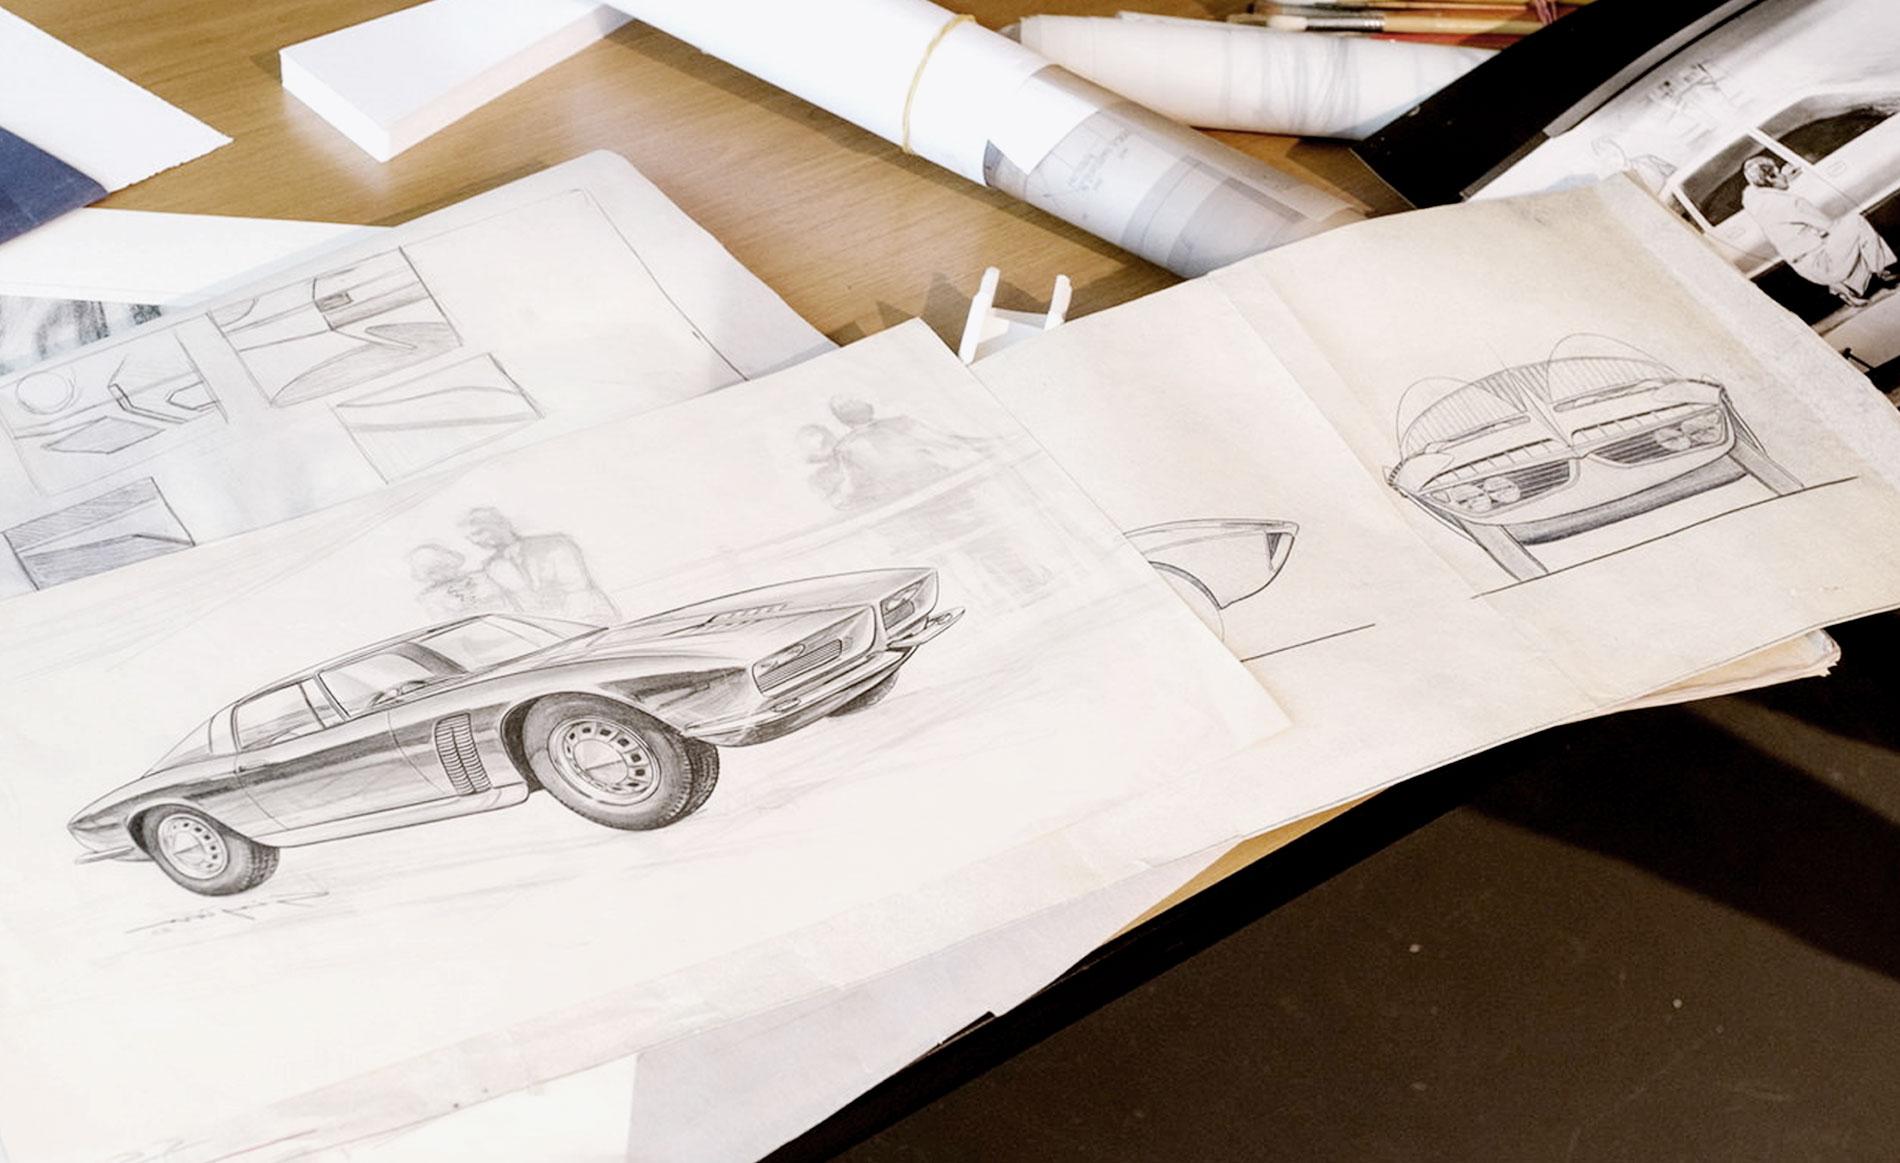 copertinadisegni giugaro camilla bellini automotive design